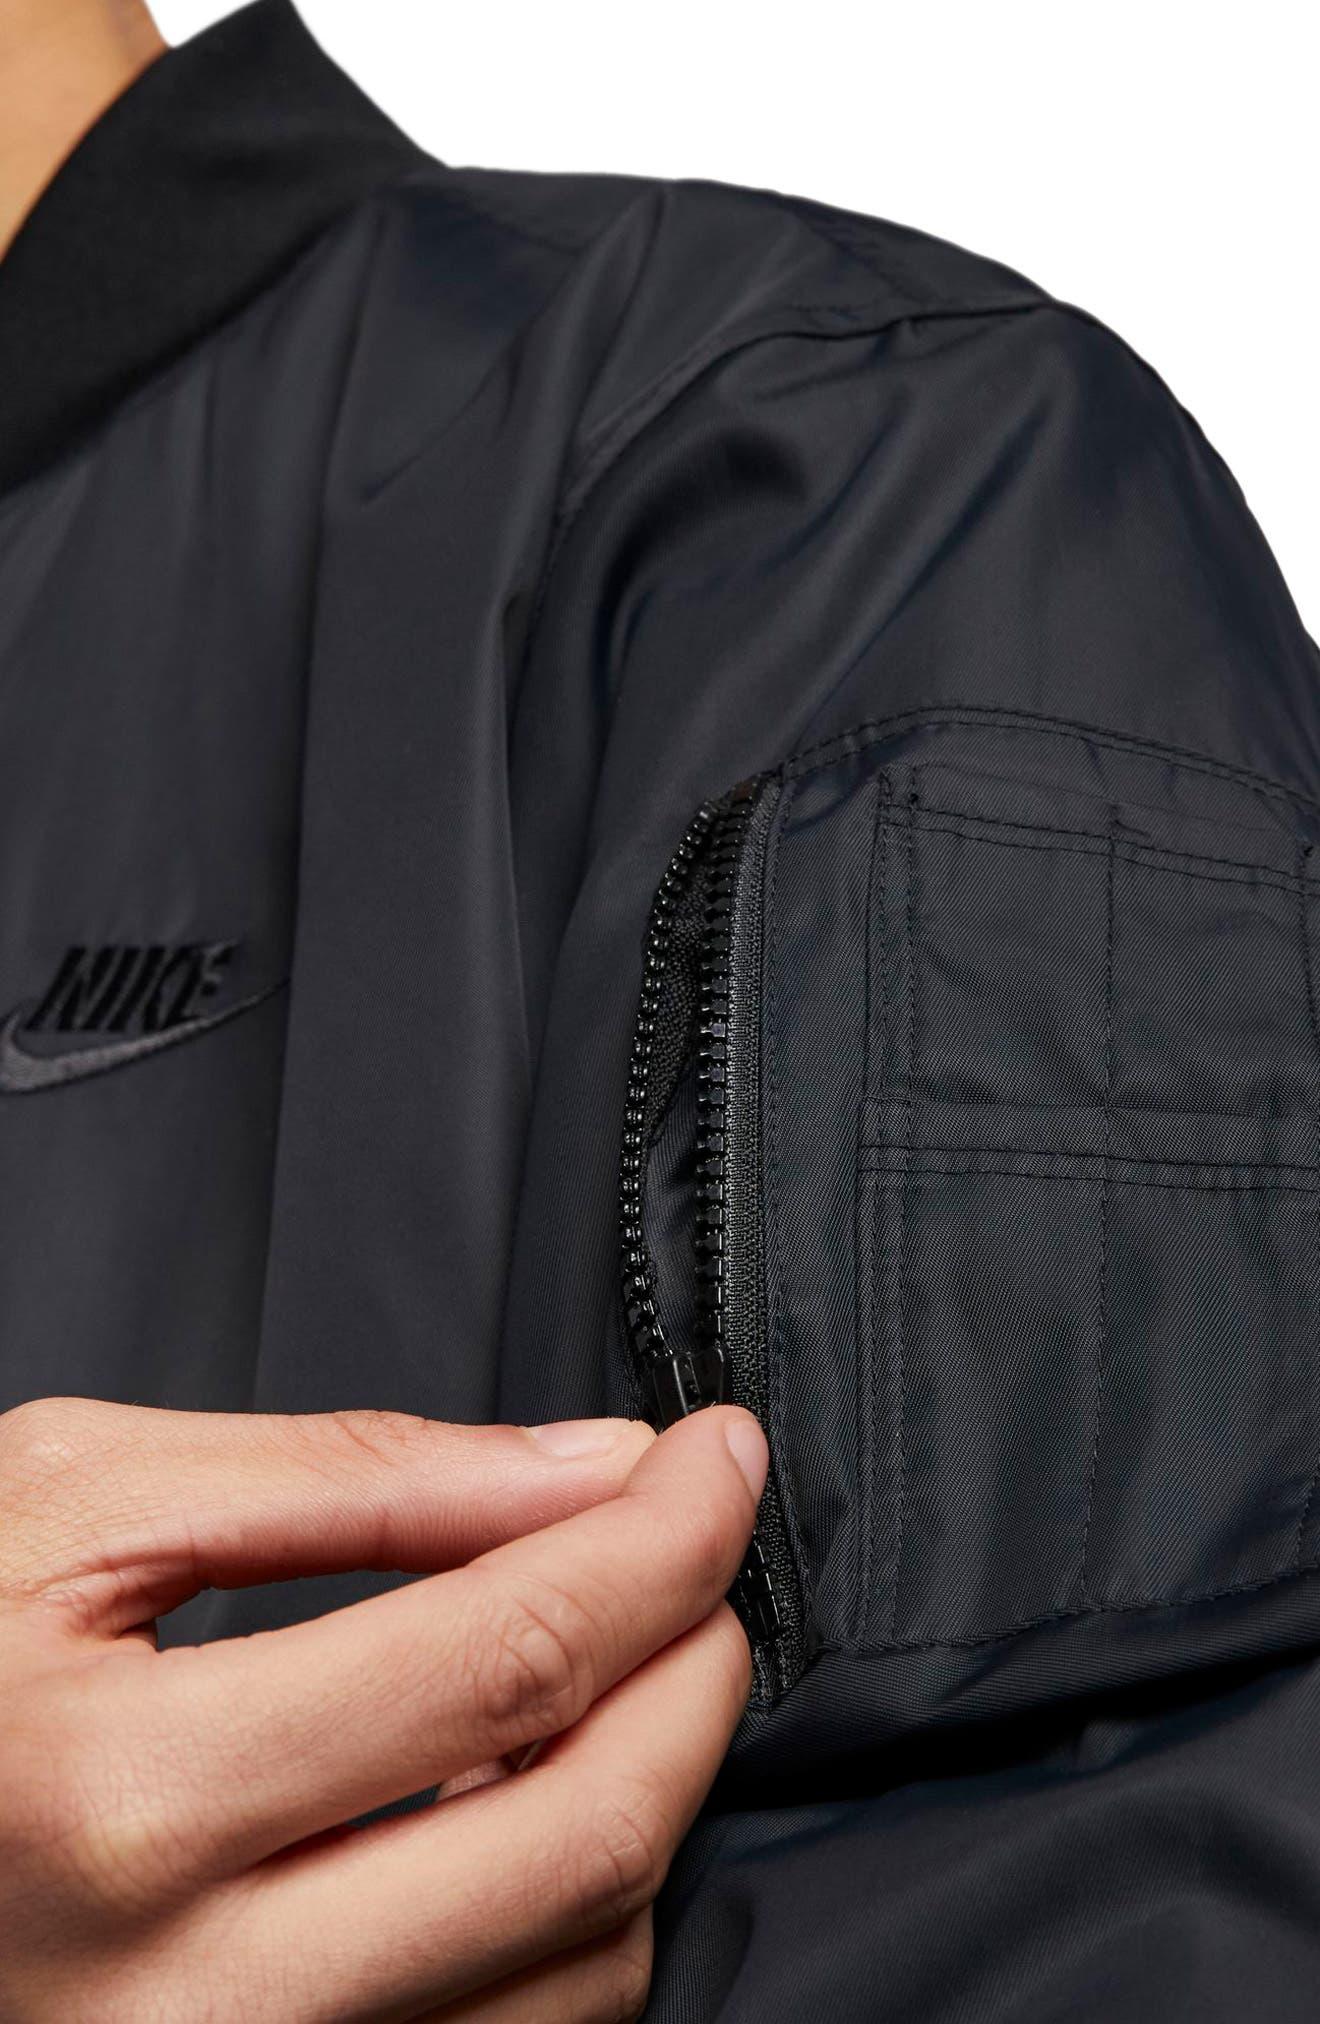 Sportswear Reversible Insulated Bomber Jacket,                             Alternate thumbnail 2, color,                             BLACK/ BLACK/ WHITE/ WHITE